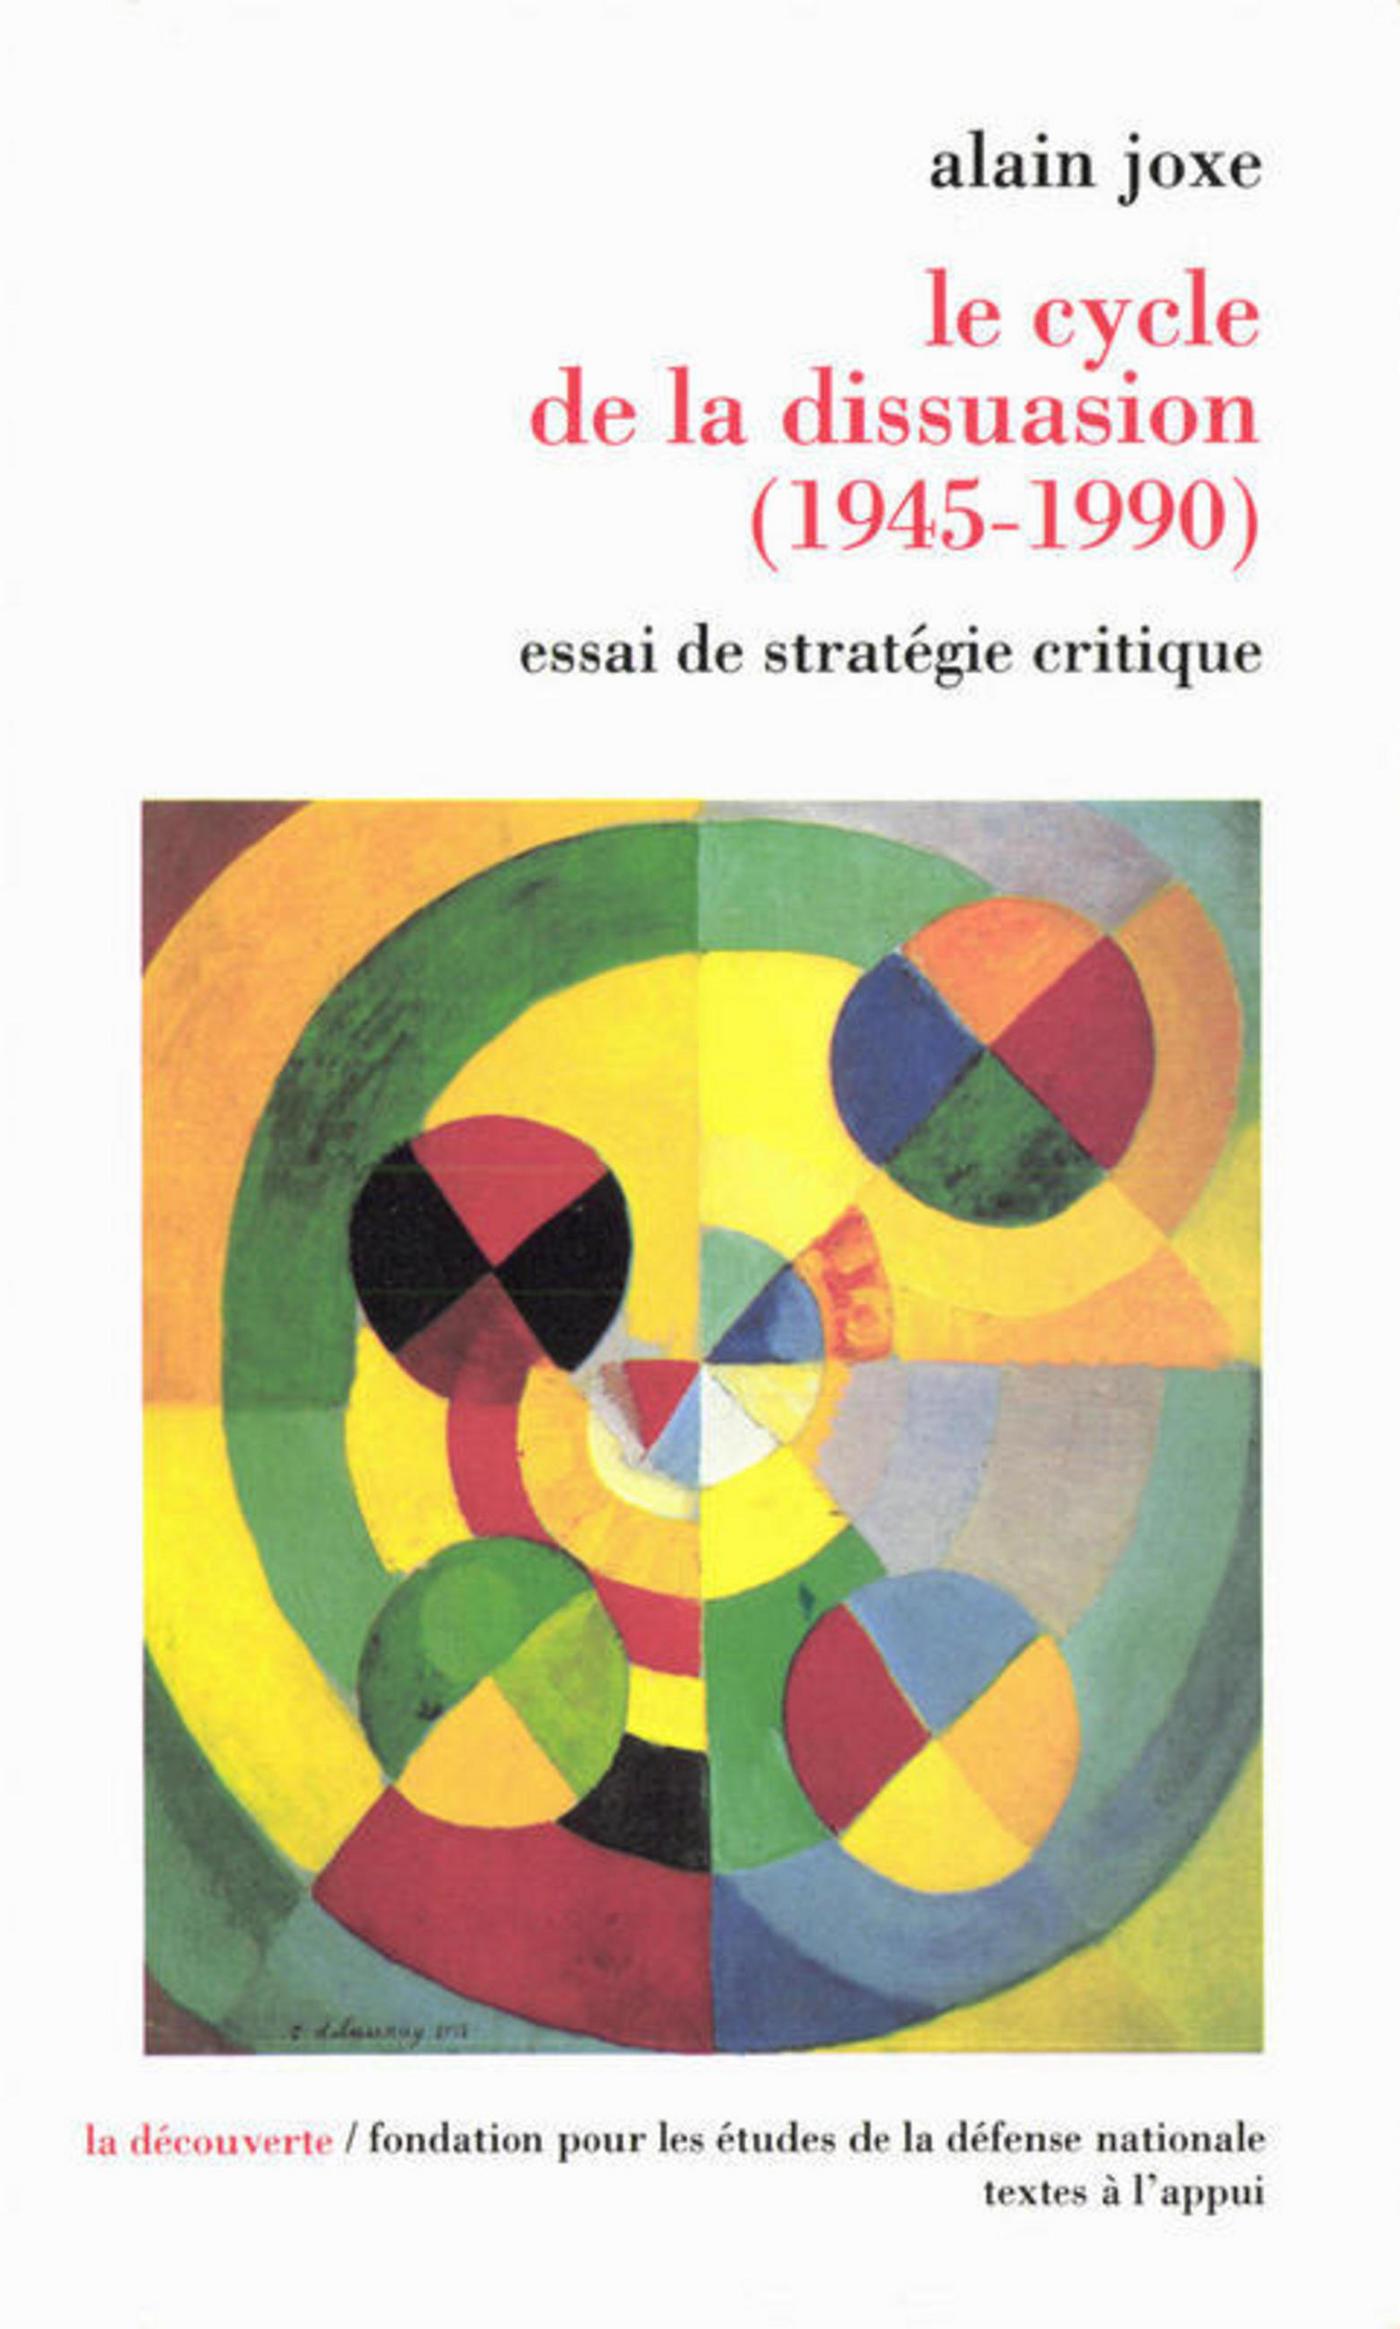 Le cycle de la dissuasion, 1945-1990